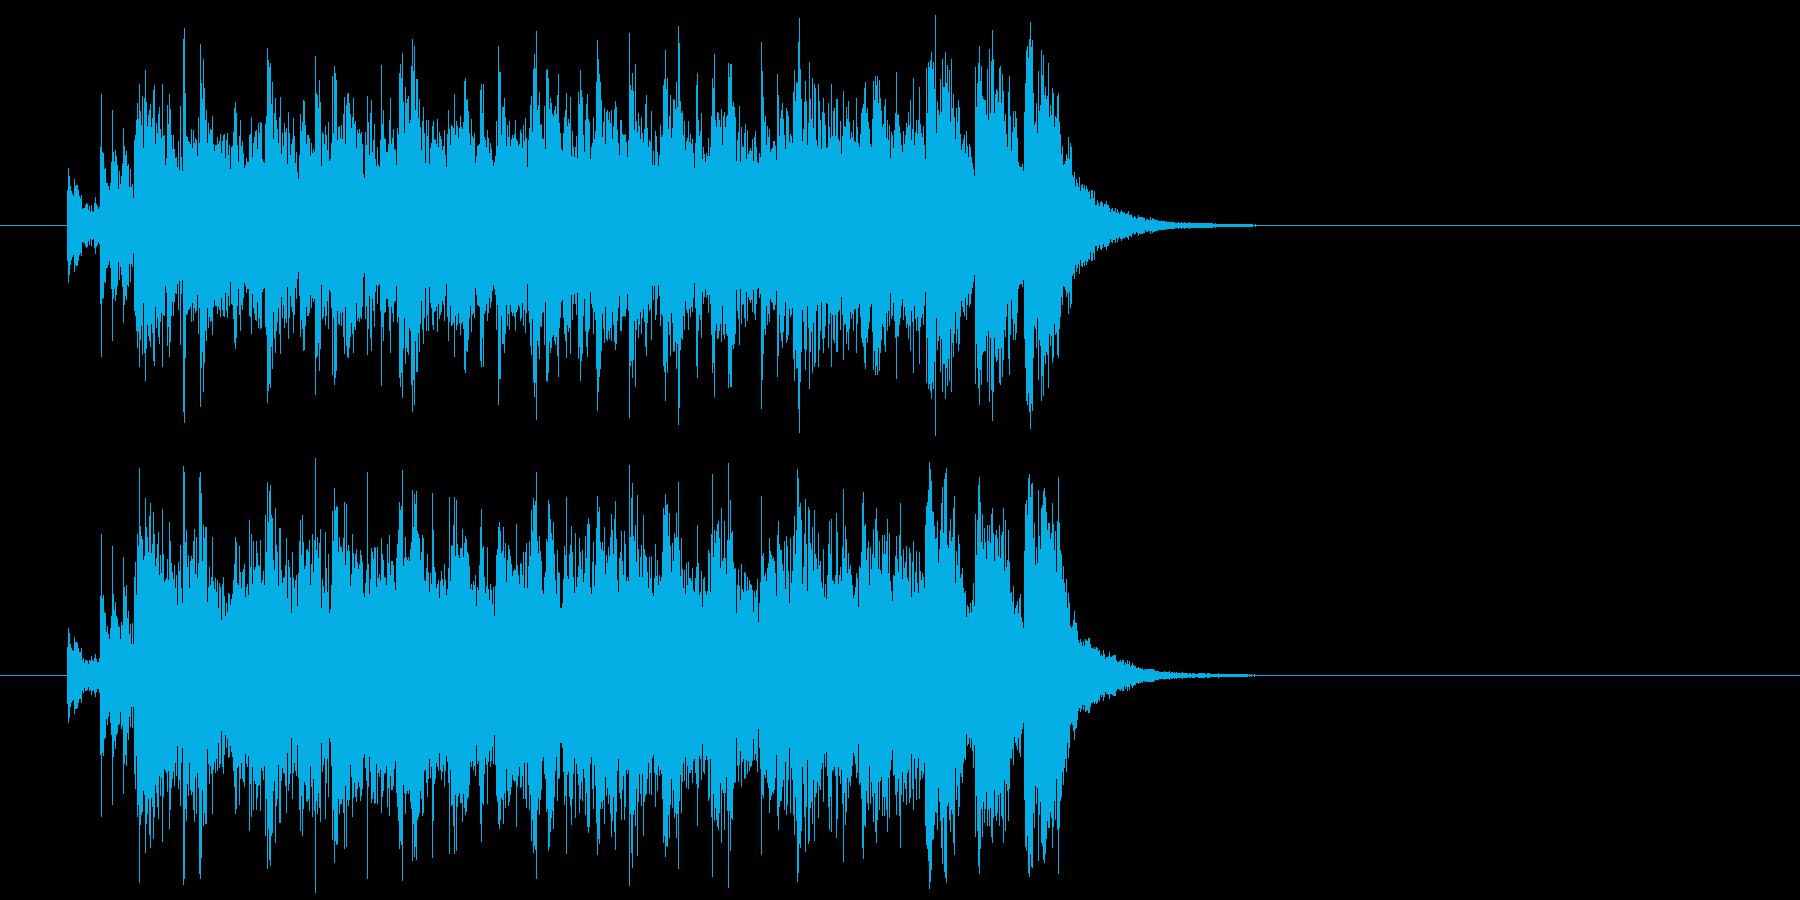 ジングル(ハイパワー転換)の再生済みの波形